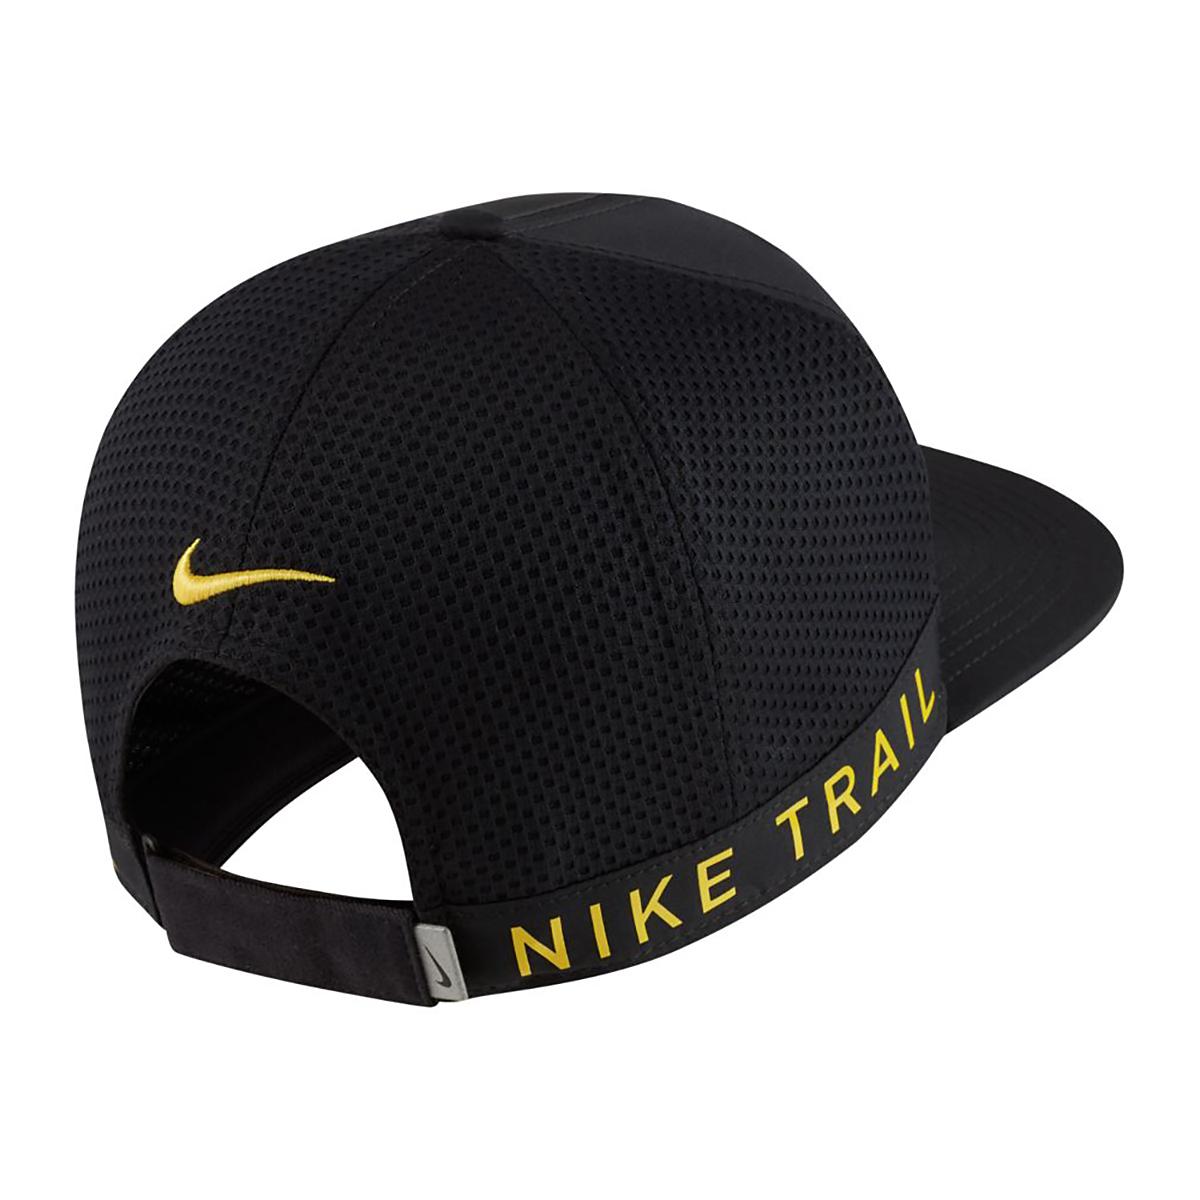 Nike Dri-FIT Pro Trail Cap - Color: Black, Black, large, image 2